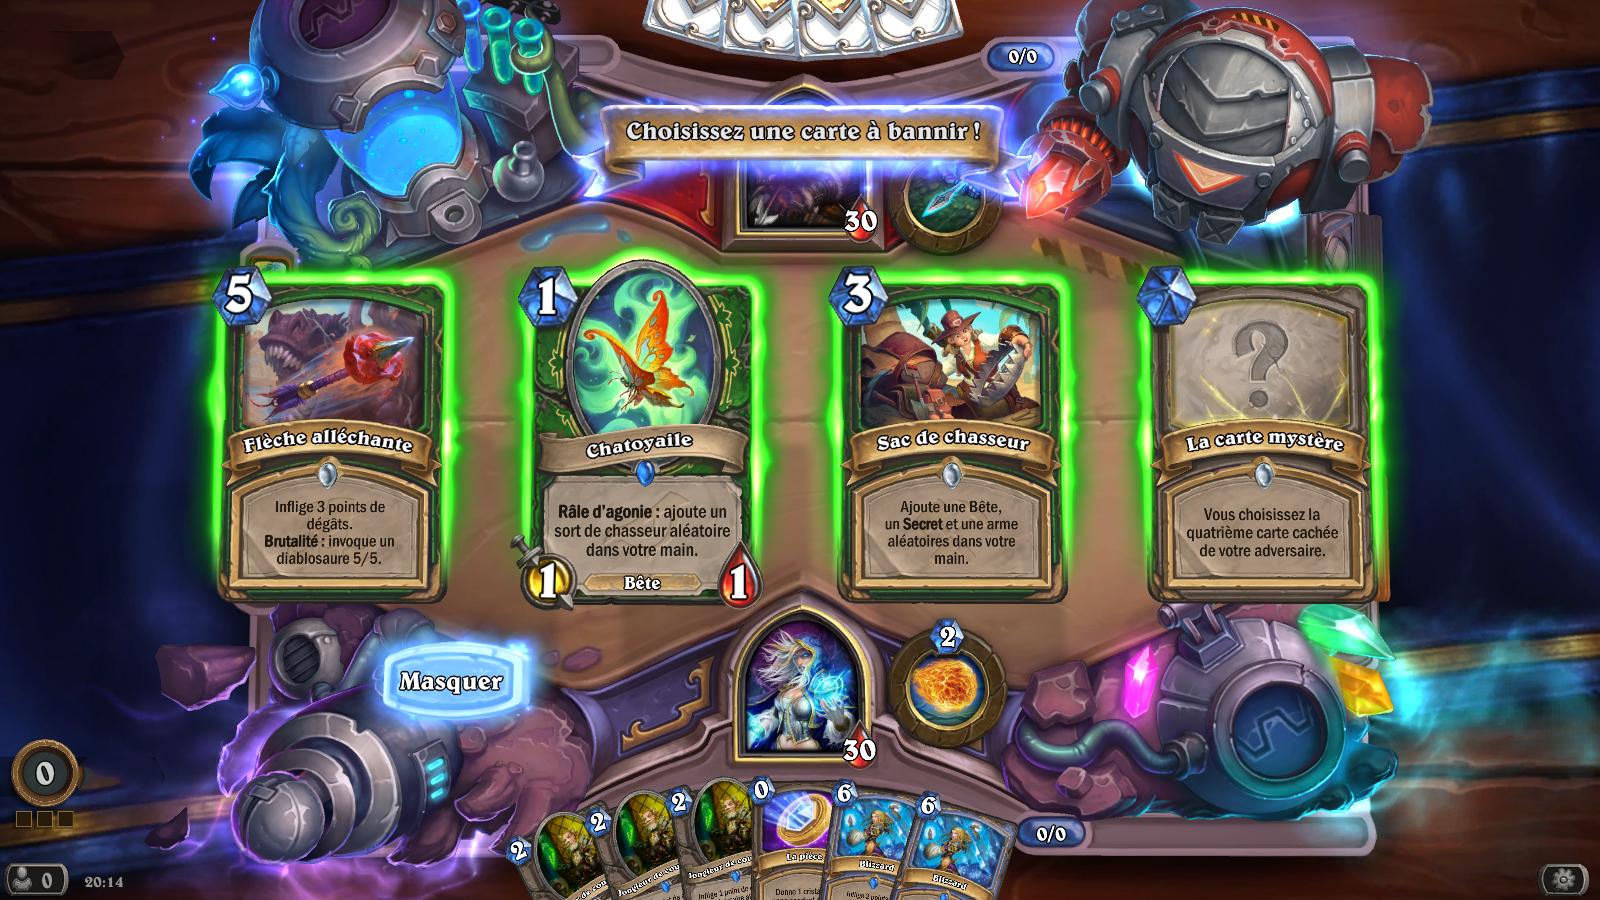 Bannissez une carte de votre adversaire au début de la partie